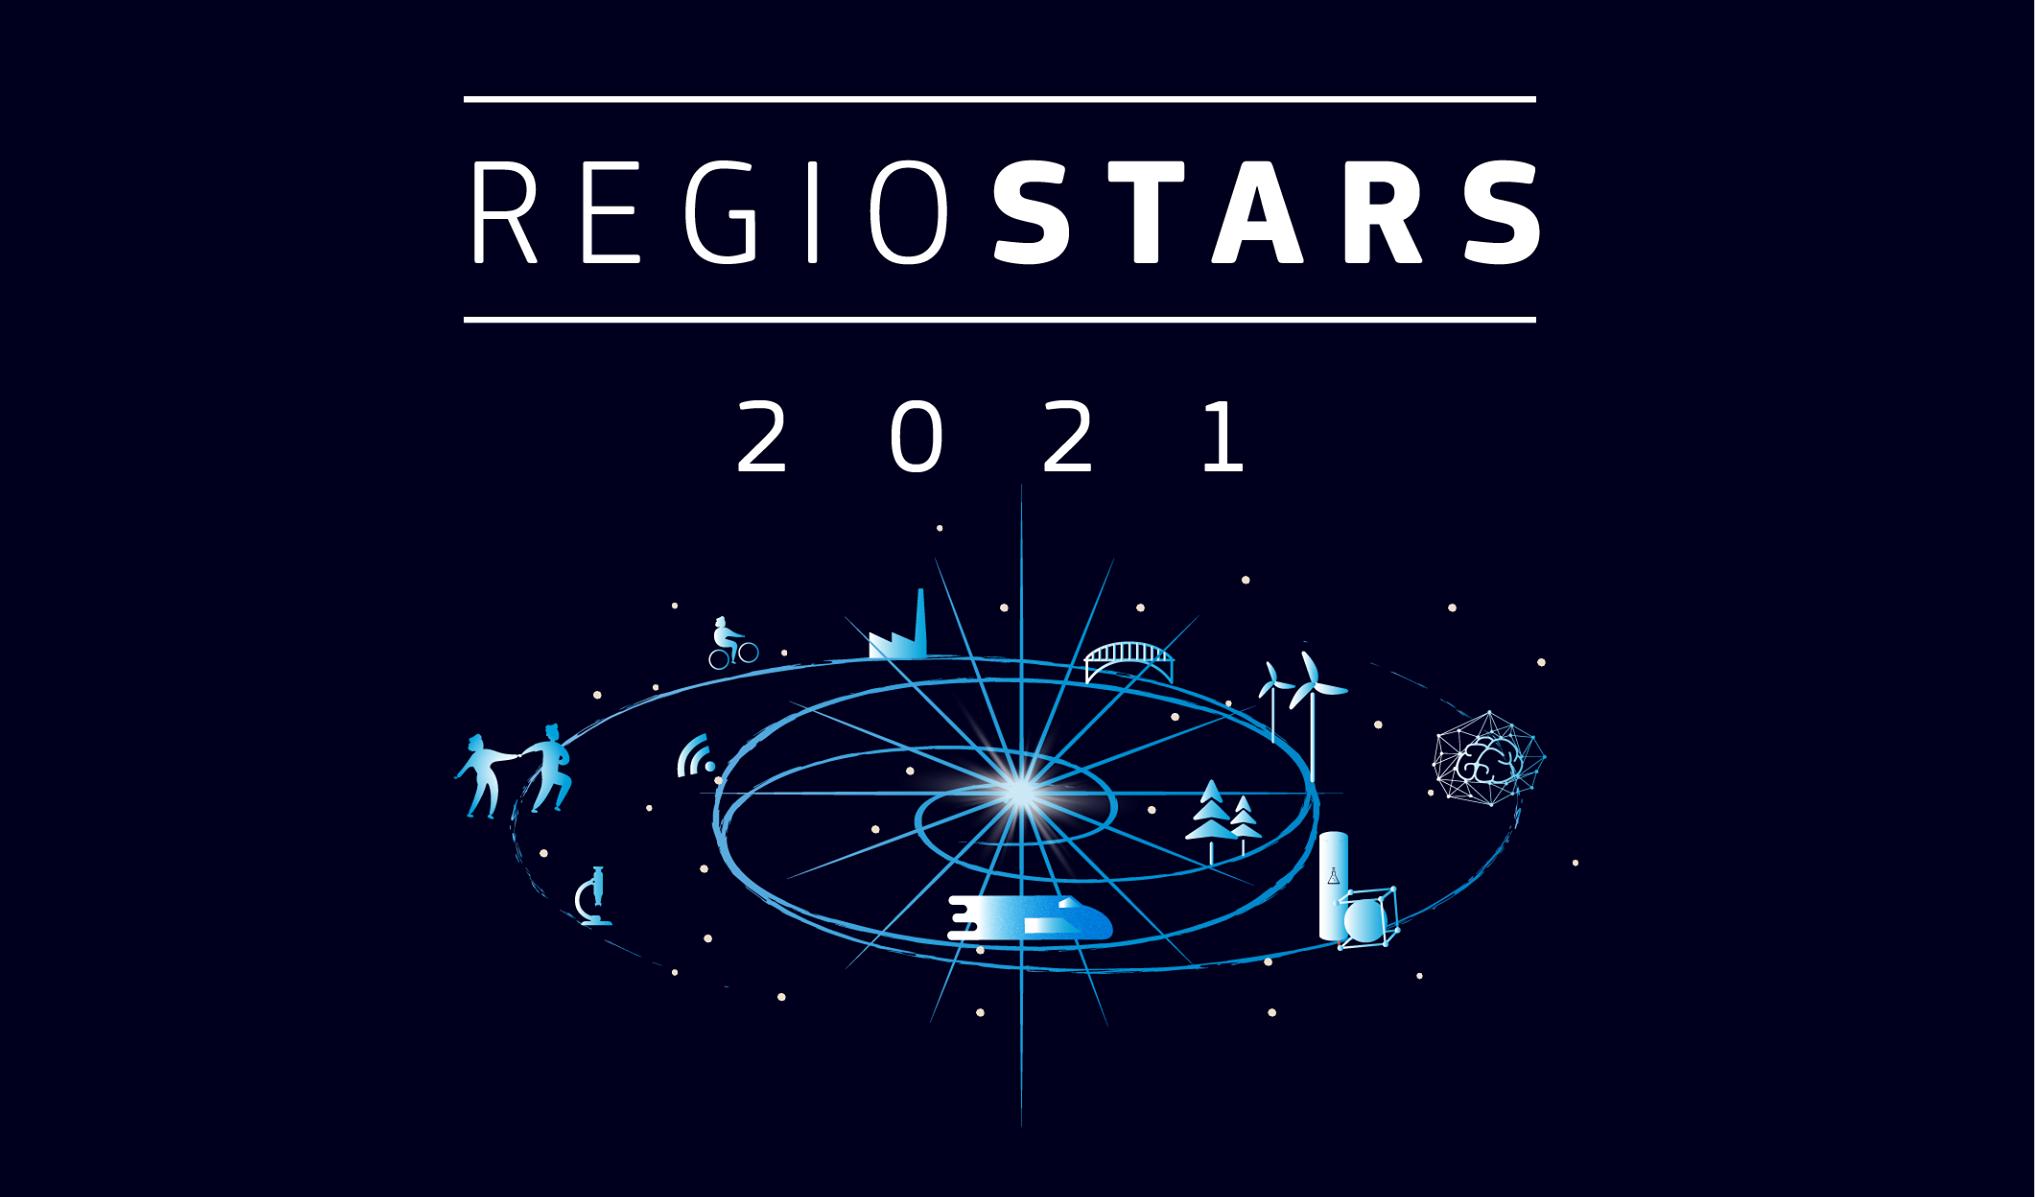 Znasz ciekawy projekt zrealizowany dzięki unijnym funduszom? Zgłoś go do nagrody Regio Stars